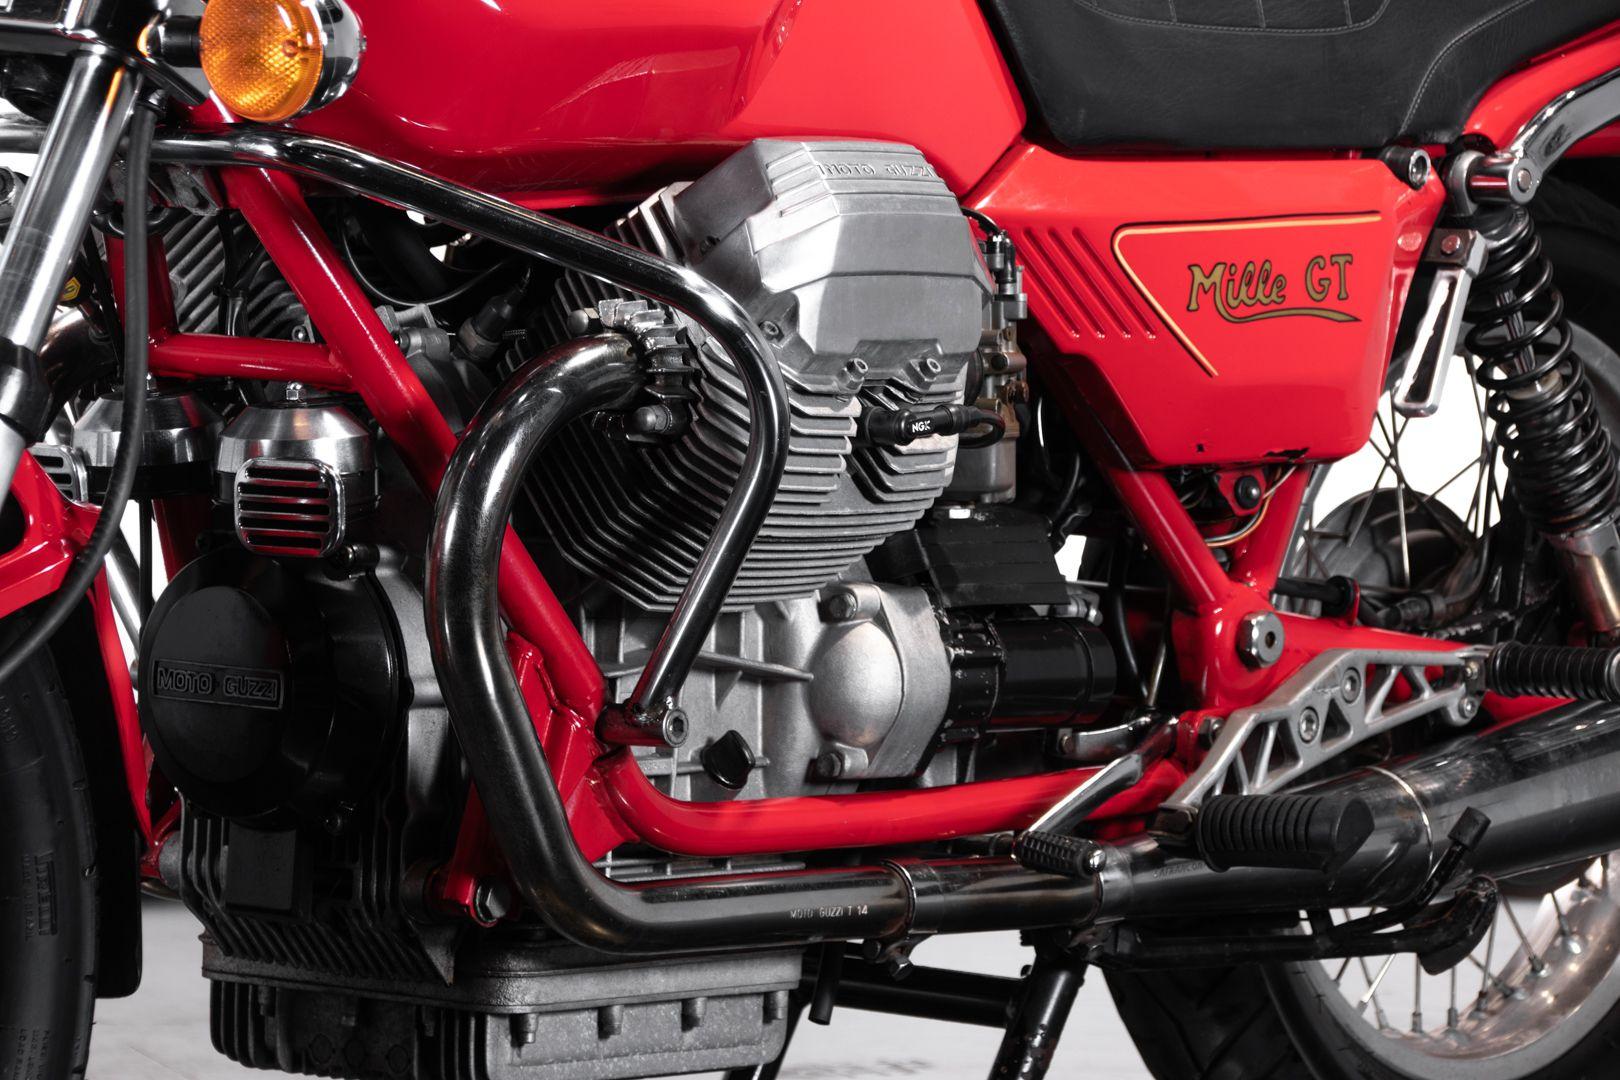 1991 Moto Guzzi GT 1000 69695